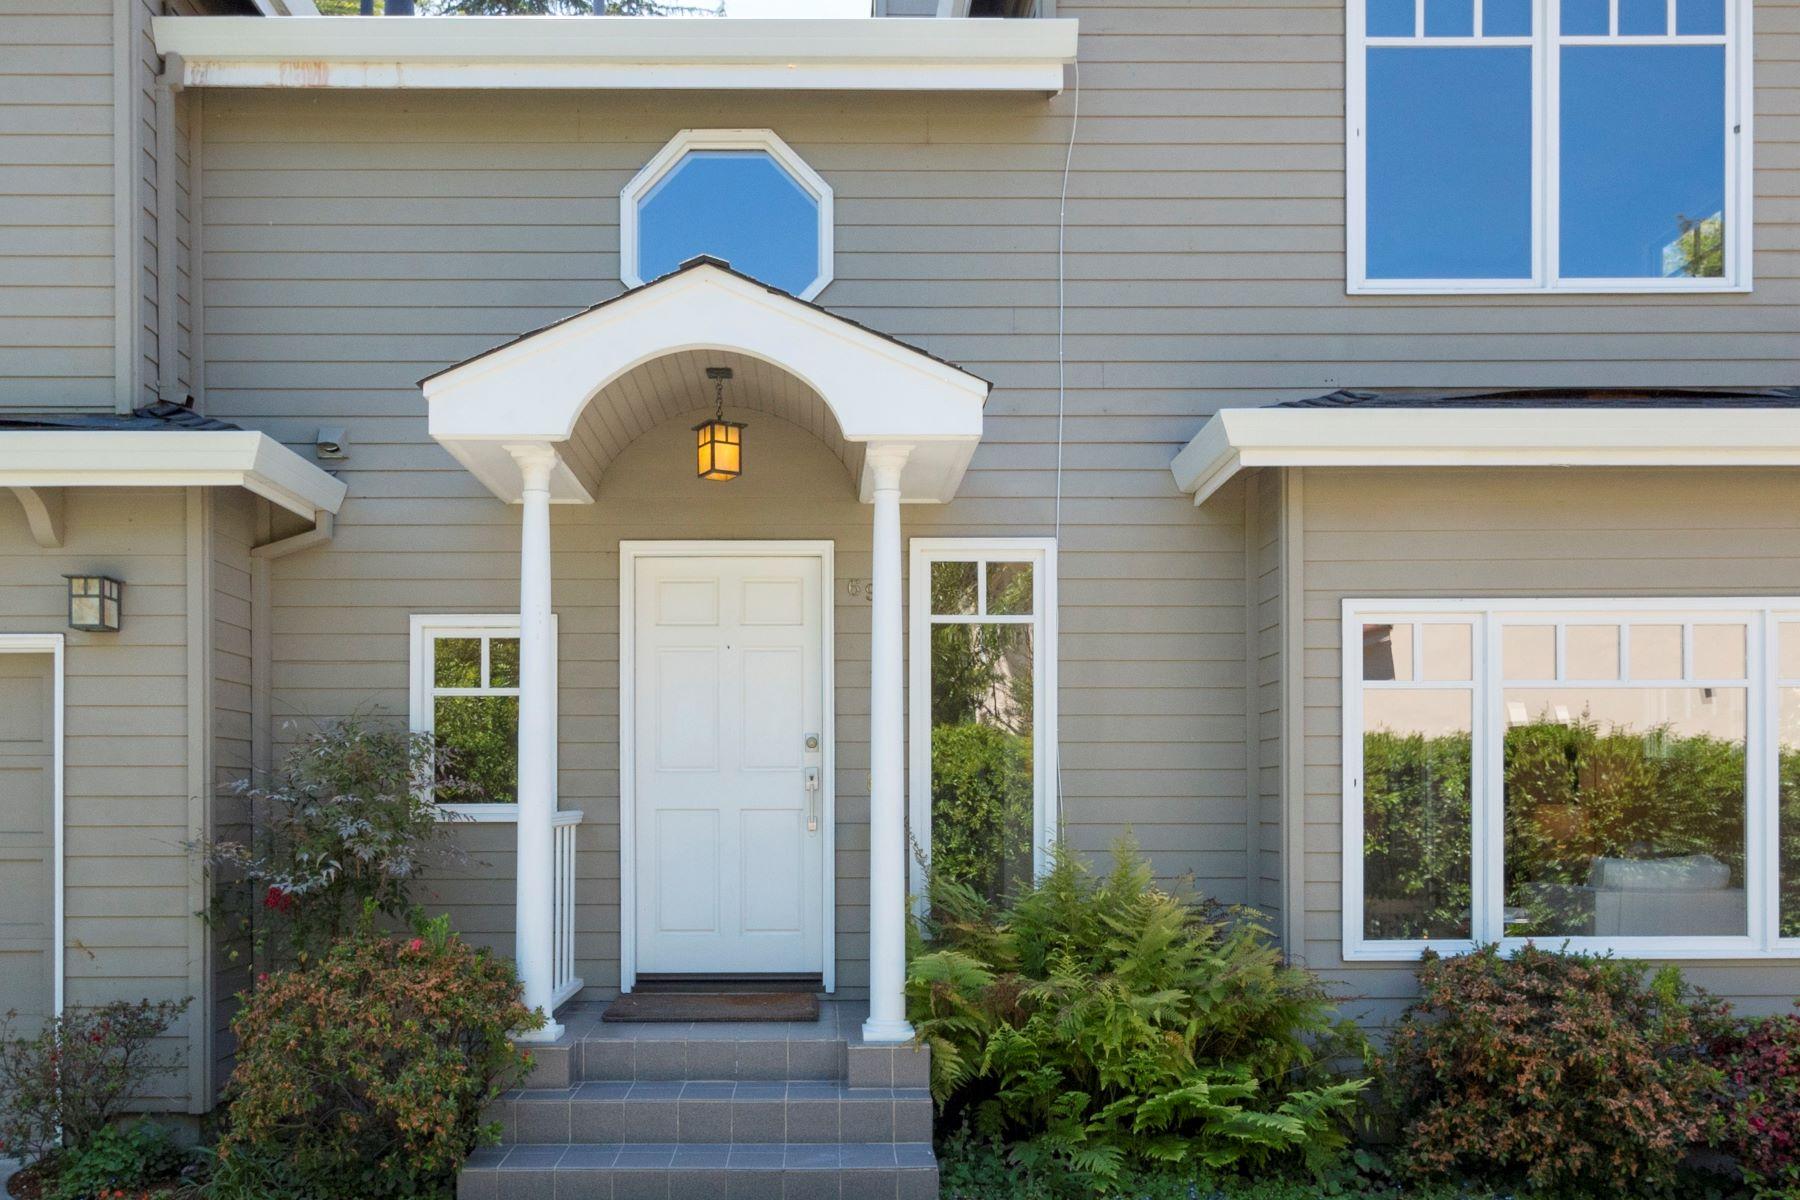 Maison unifamiliale pour l Vente à 692 Creek Dr 692 Creek Dr. Menlo Park, Californie 94025 États-Unis